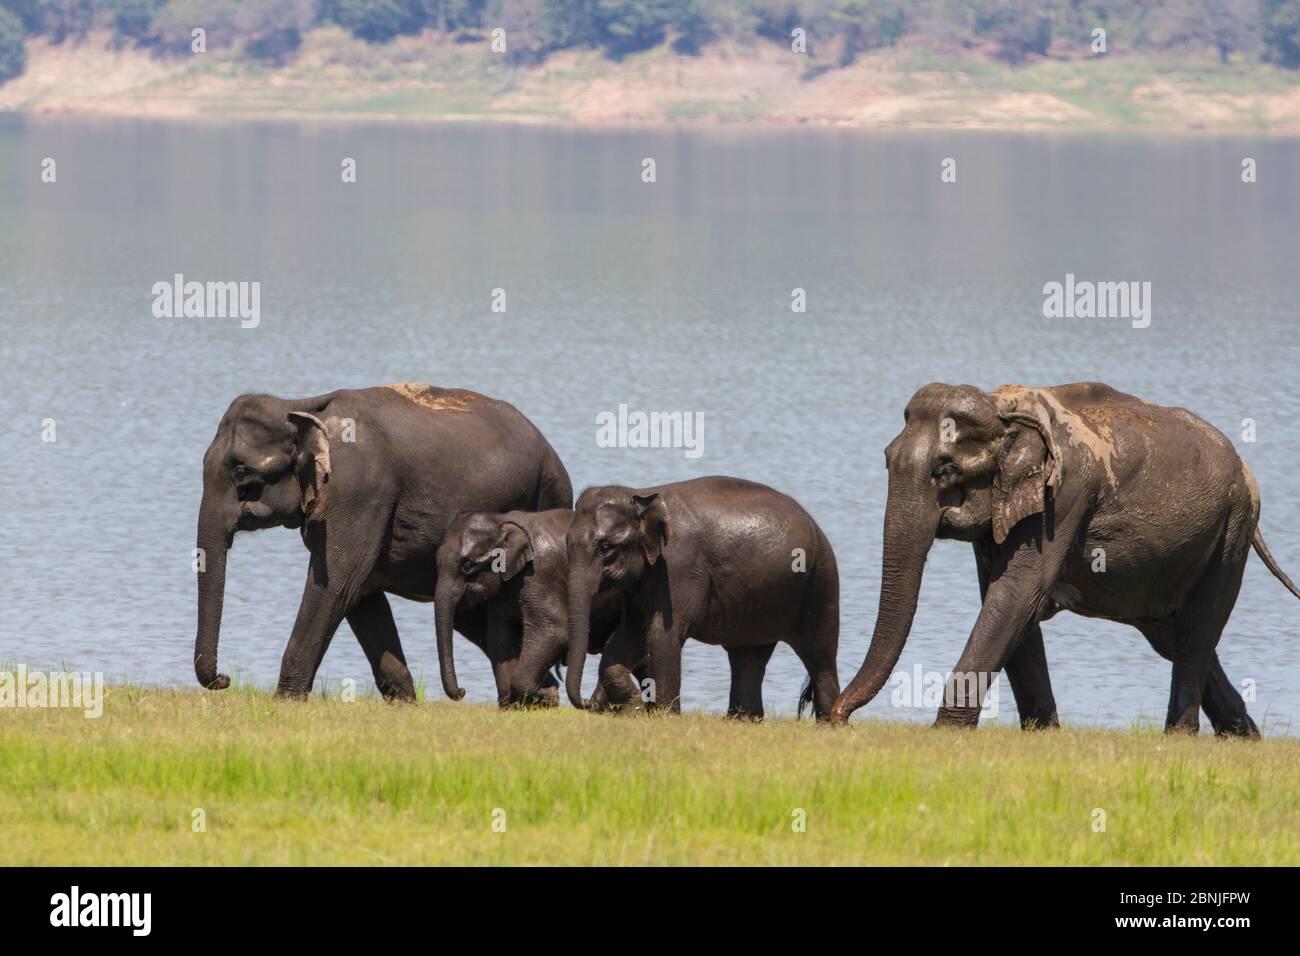 Elefante asiatico (Elephas maximus), famiglia che esce dal lago dopo aver bevuto e fatto il bagno. Jim Corbett National Park, India. Foto Stock